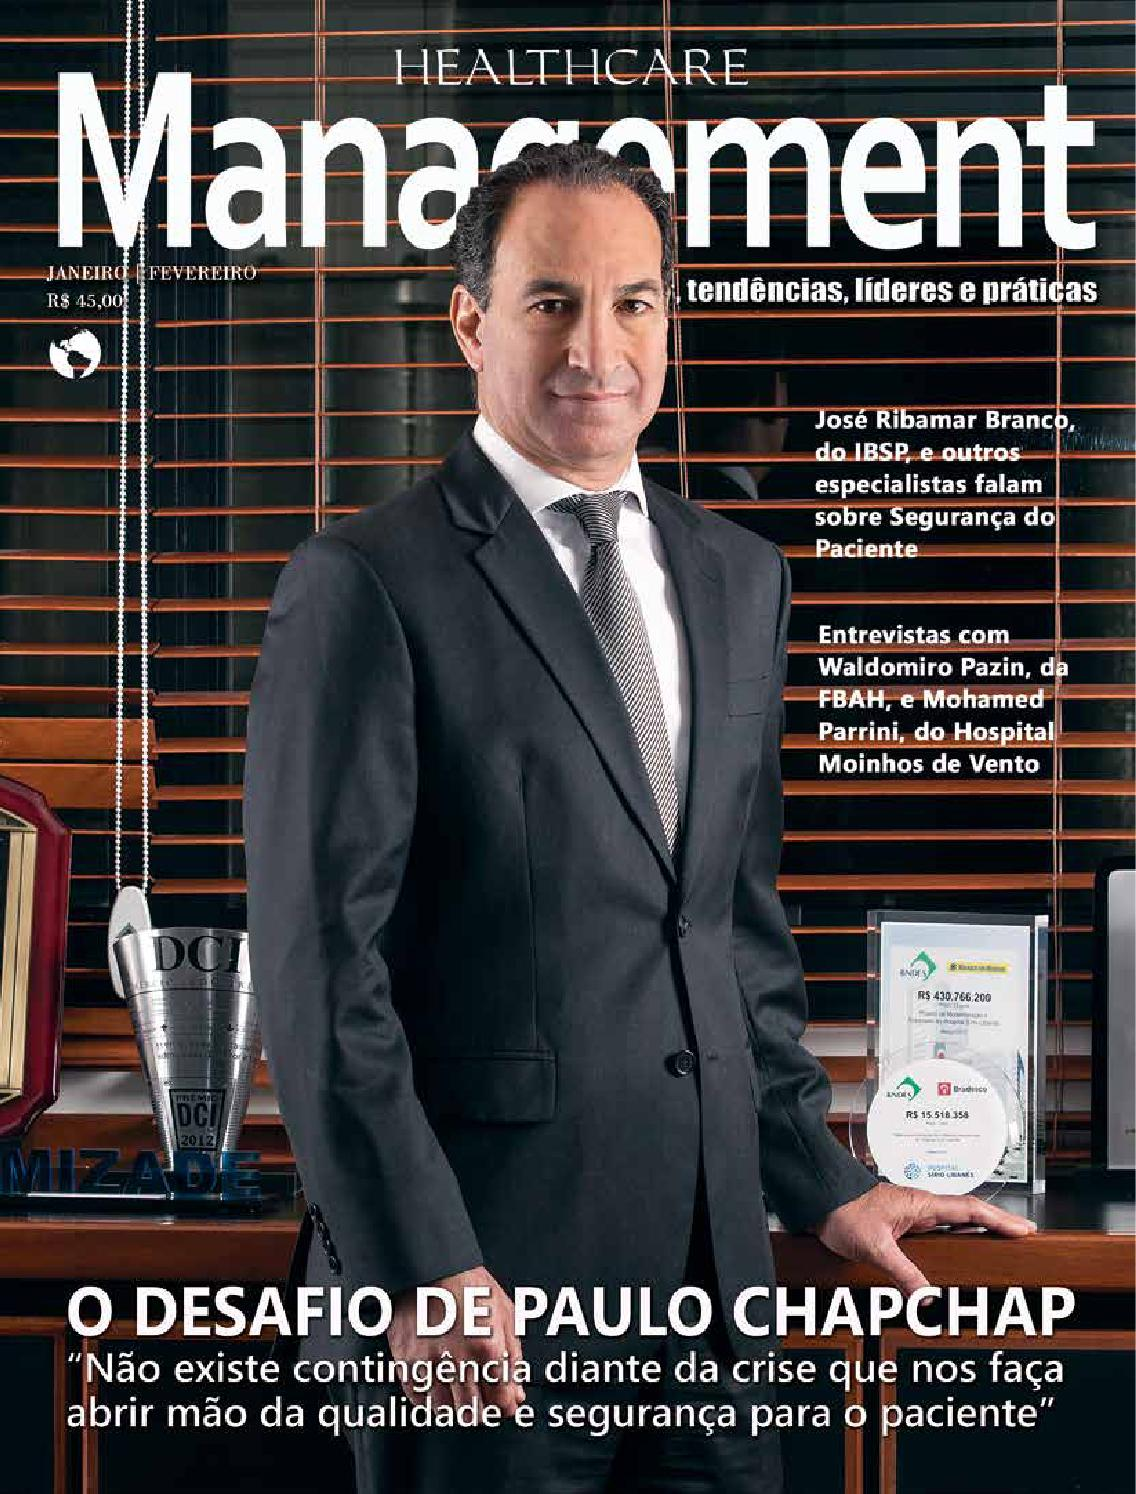 2a22fbbe22 Healthcare Management 40ª Edição by Grupo Mídia - issuu